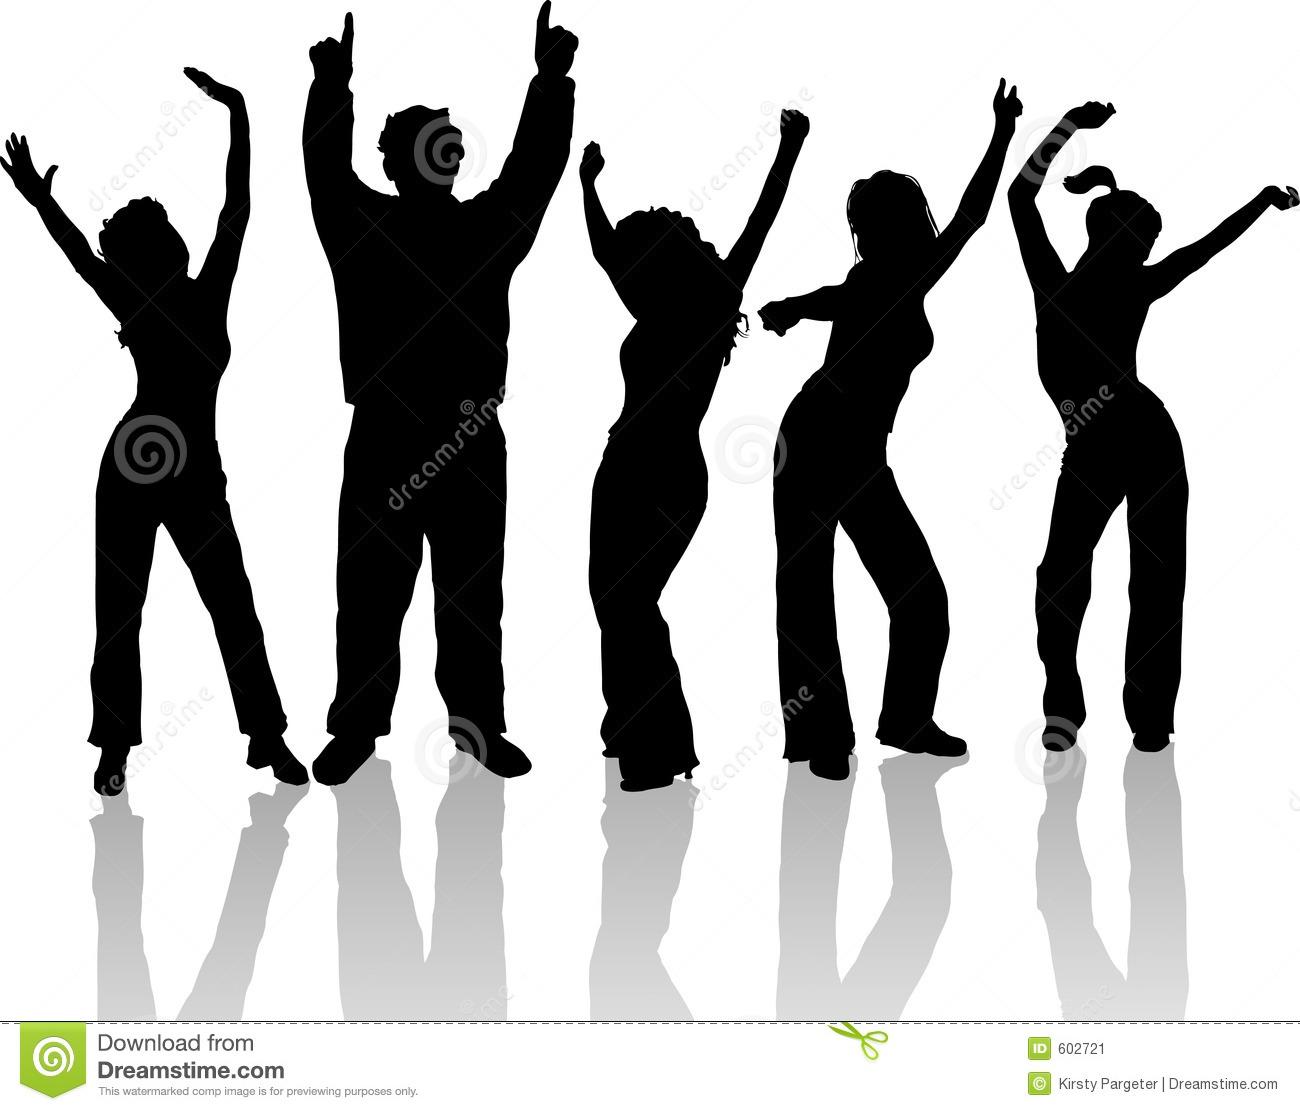 Clipart people dancing jpg royalty free download People Dancing Clipart | Free download best People Dancing Clipart ... jpg royalty free download